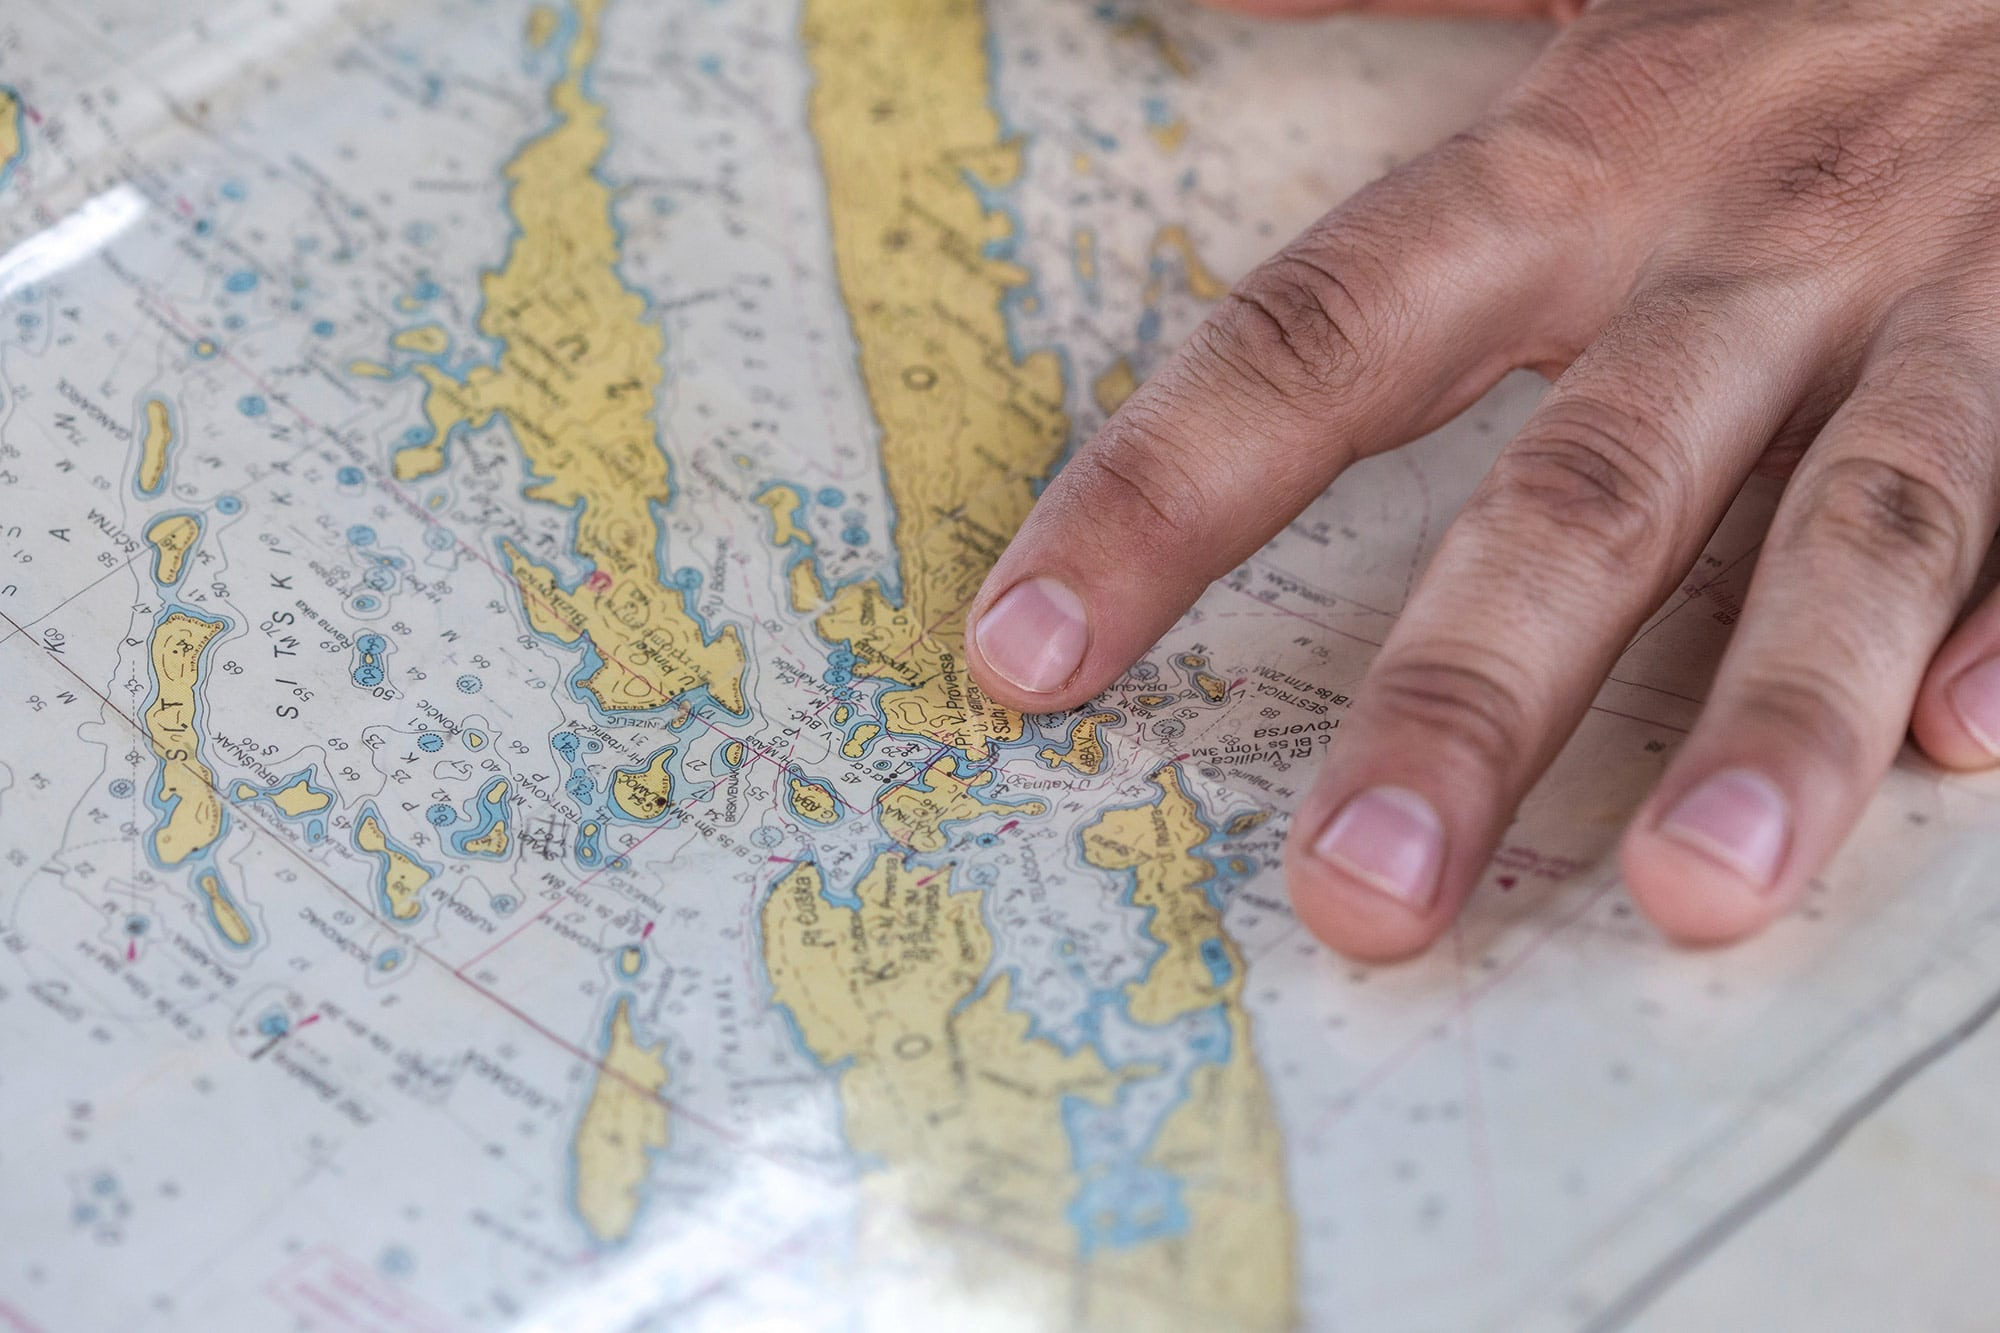 Image ESTA, le document obligatoire pour entrer aux States